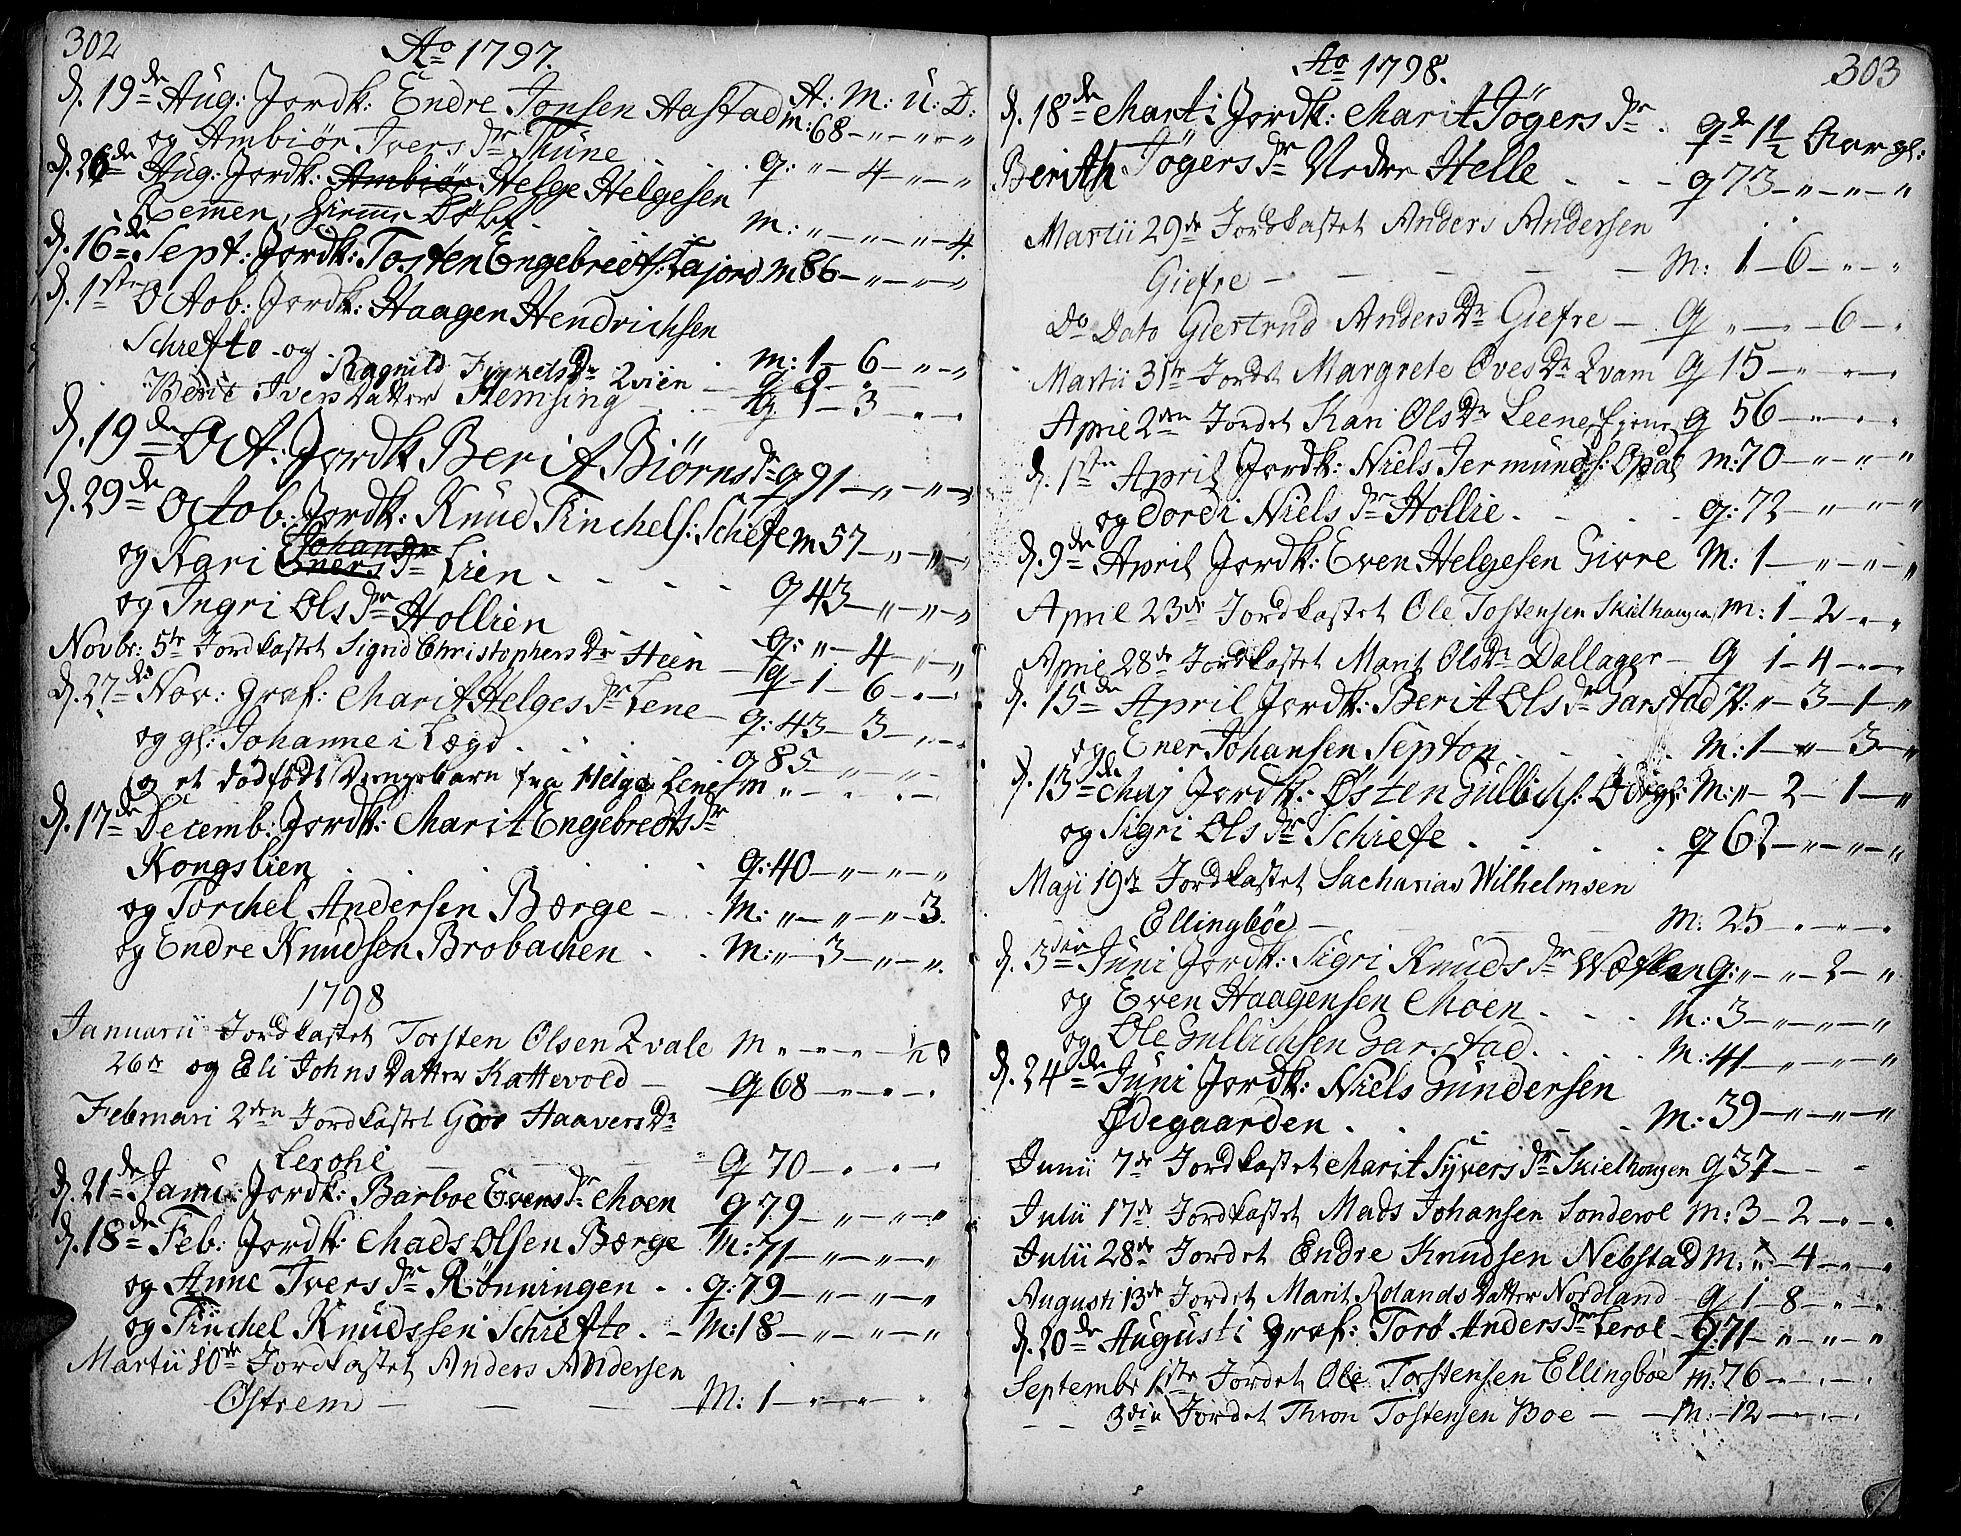 SAH, Vang prestekontor, Valdres, Ministerialbok nr. 2, 1796-1808, s. 302-303